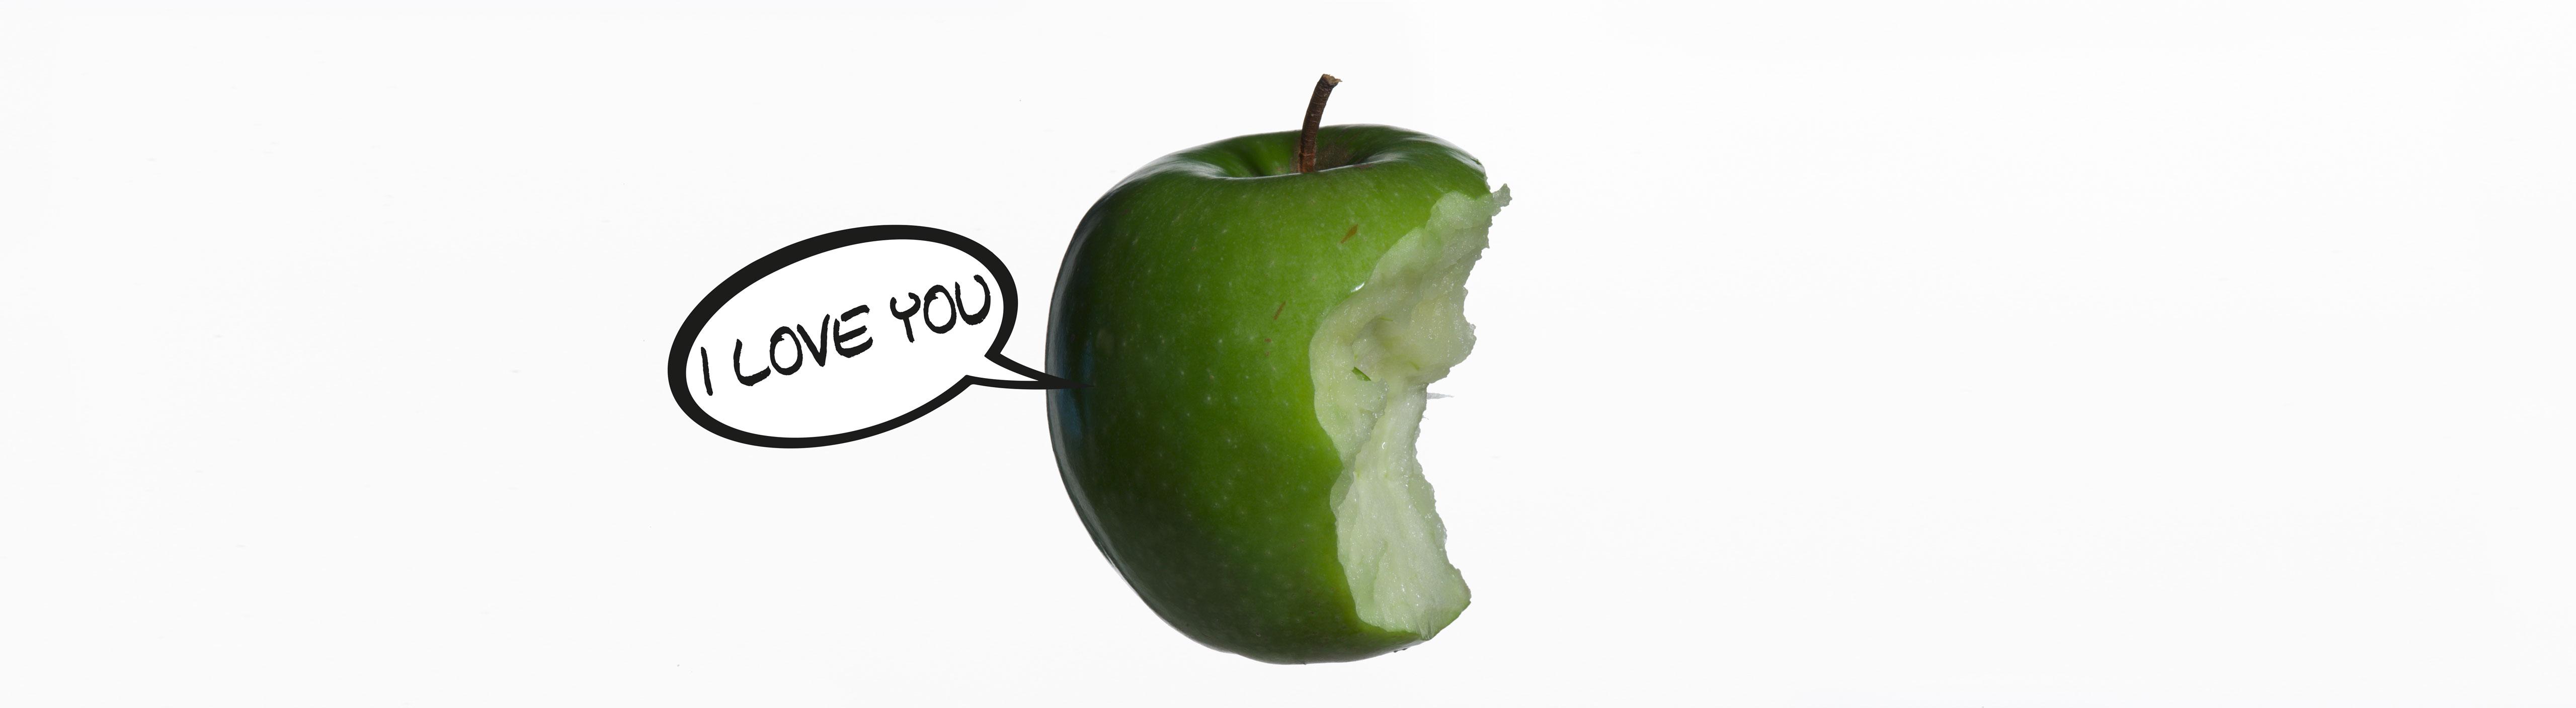 Apple-Profi mit jahrzehntelanger Erfahrung für Hamburg